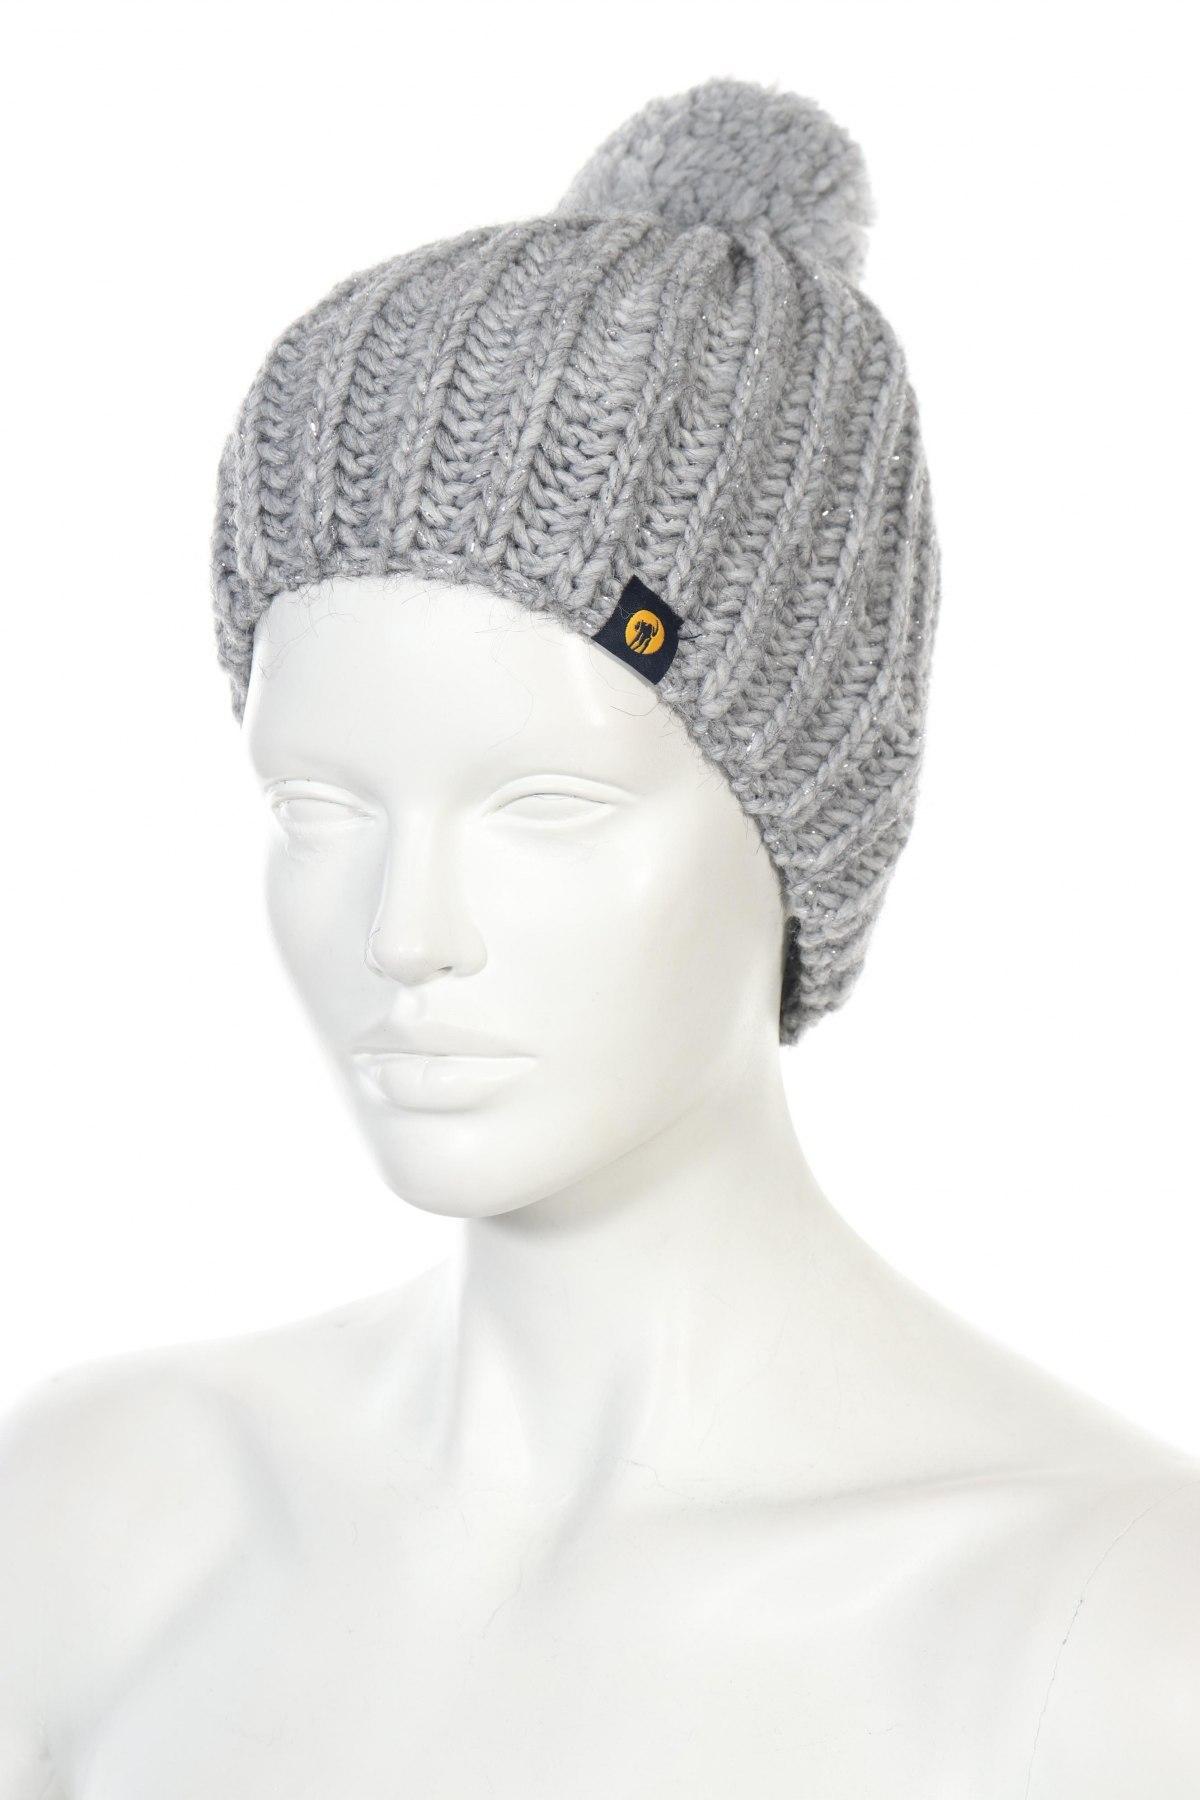 Καπέλο Ciesse Piumini, Χρώμα Γκρί, 15% μαλλί από αλπακά, 15% μαλλί, 10% βισκόζη, 60%ακρυλικό, Τιμή 16,24€